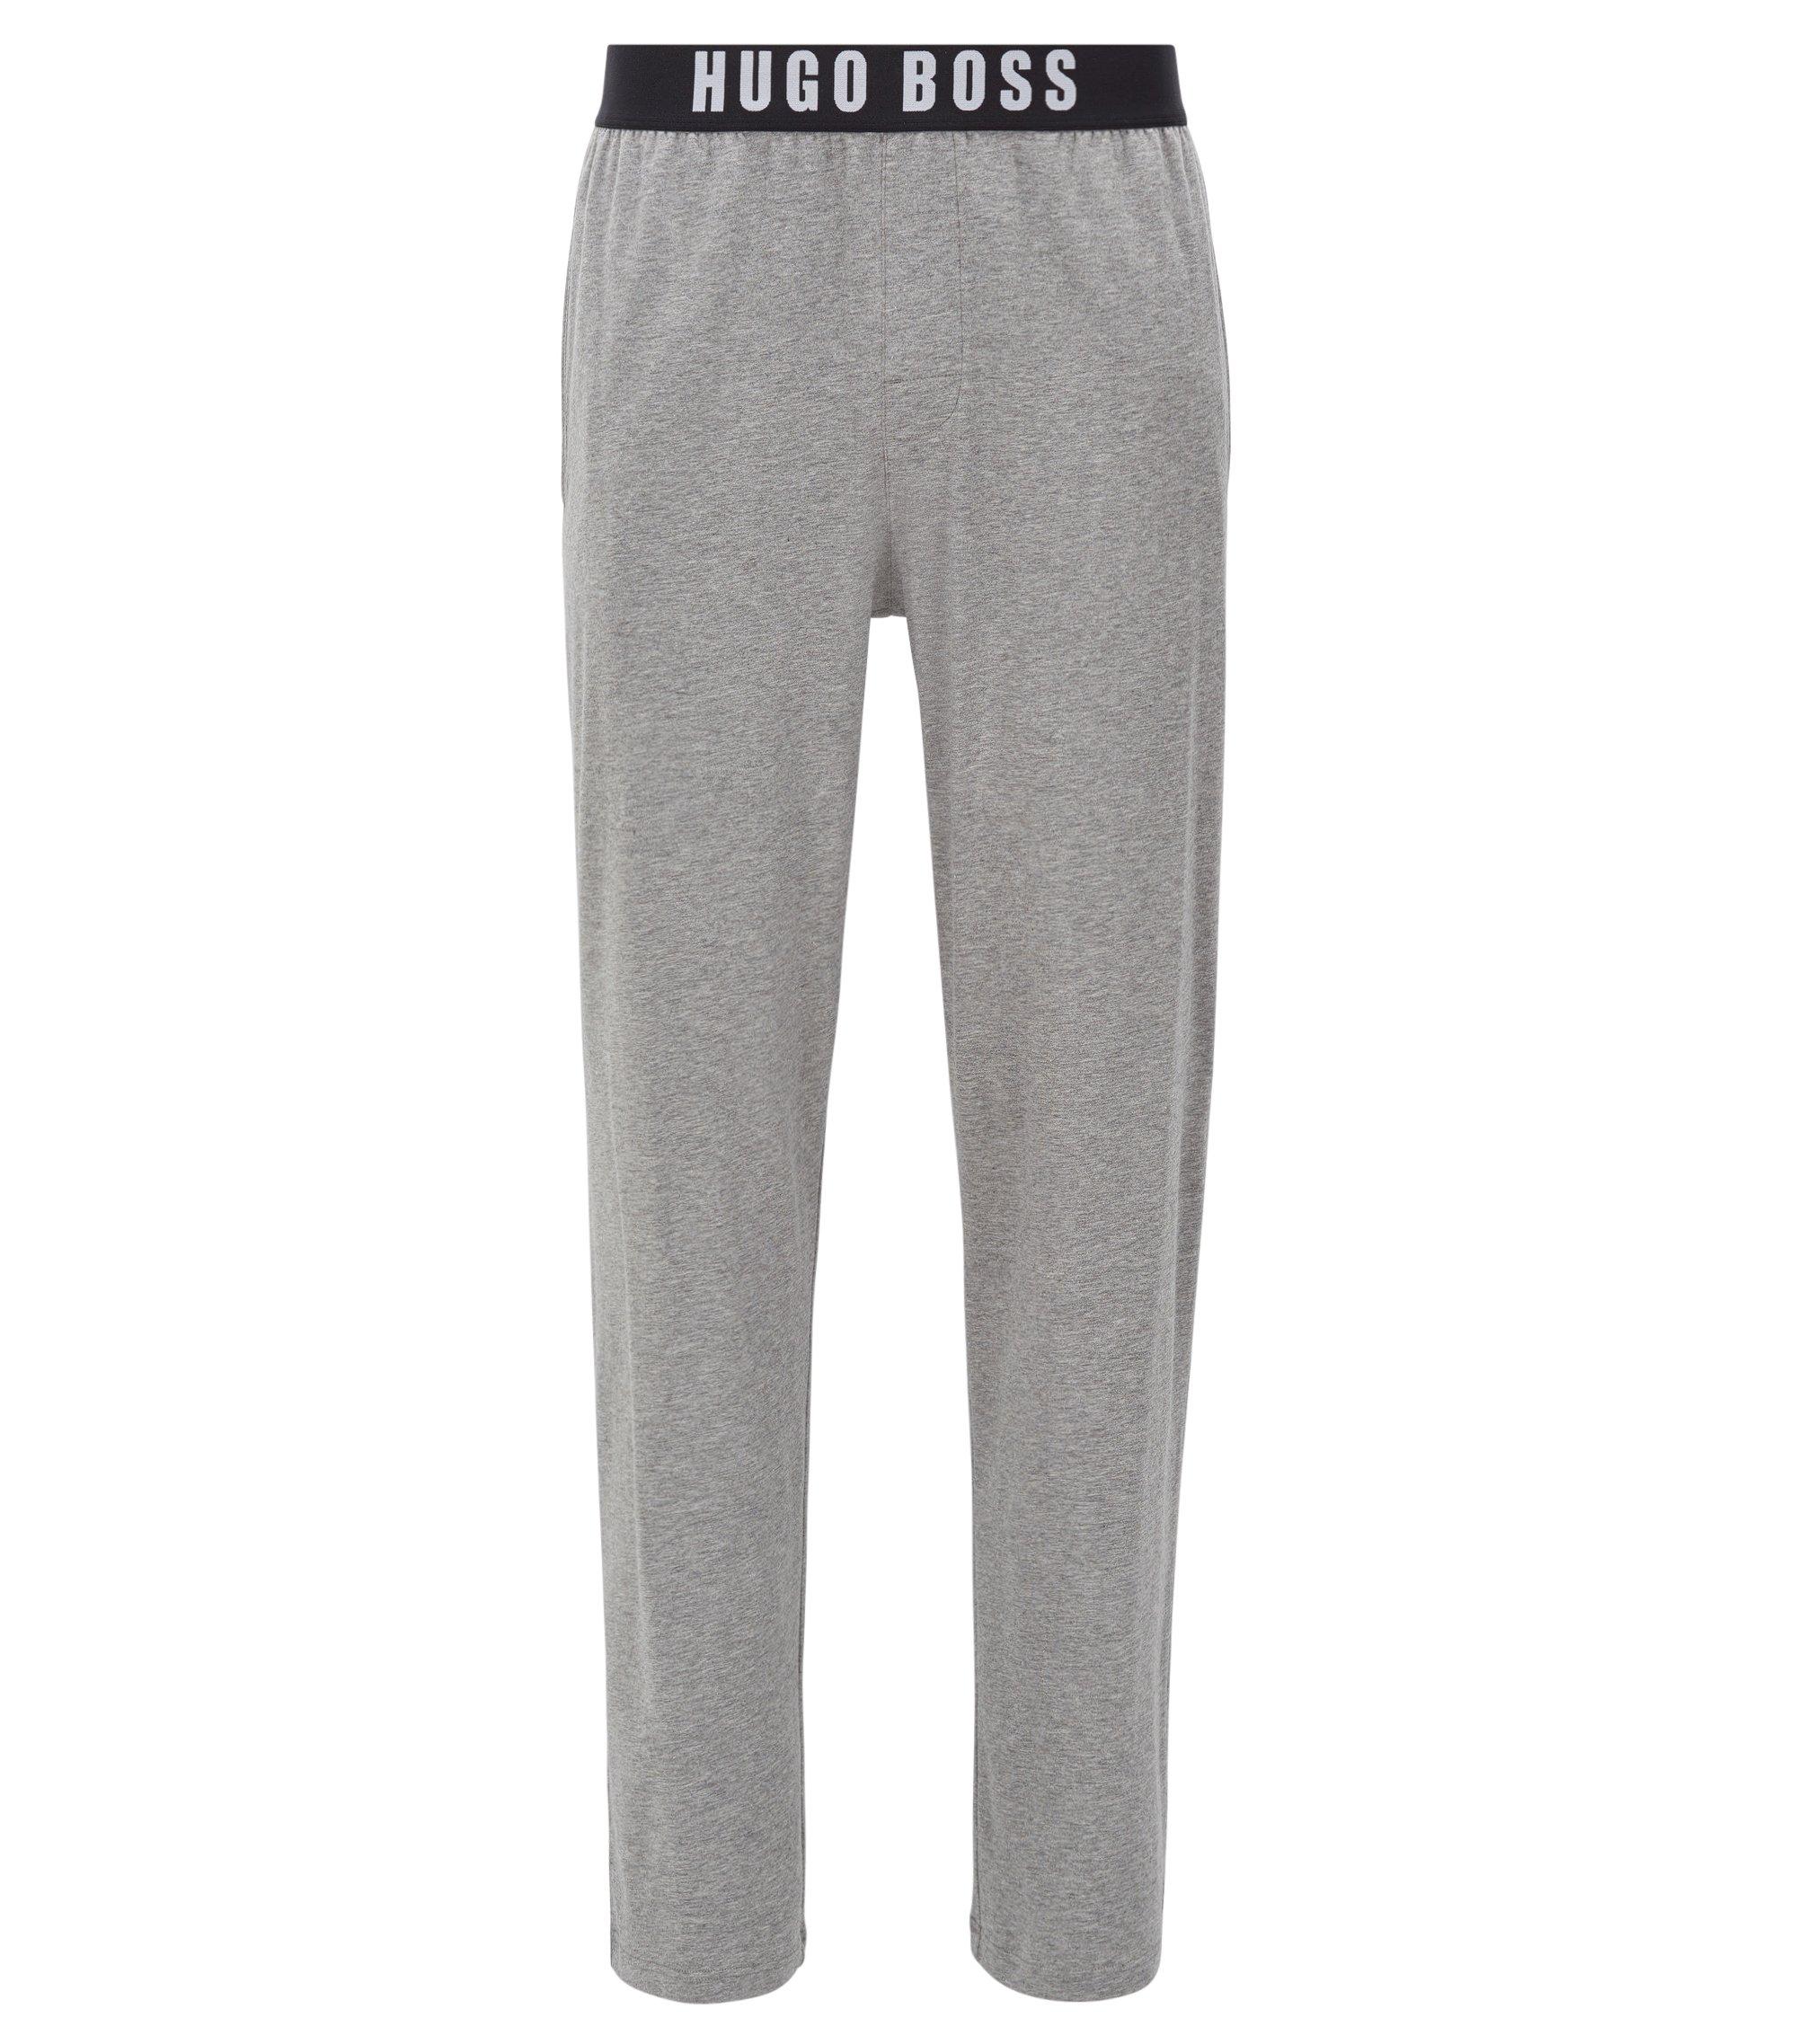 Bas de pyjama en coton stretch à taille élastique, Gris